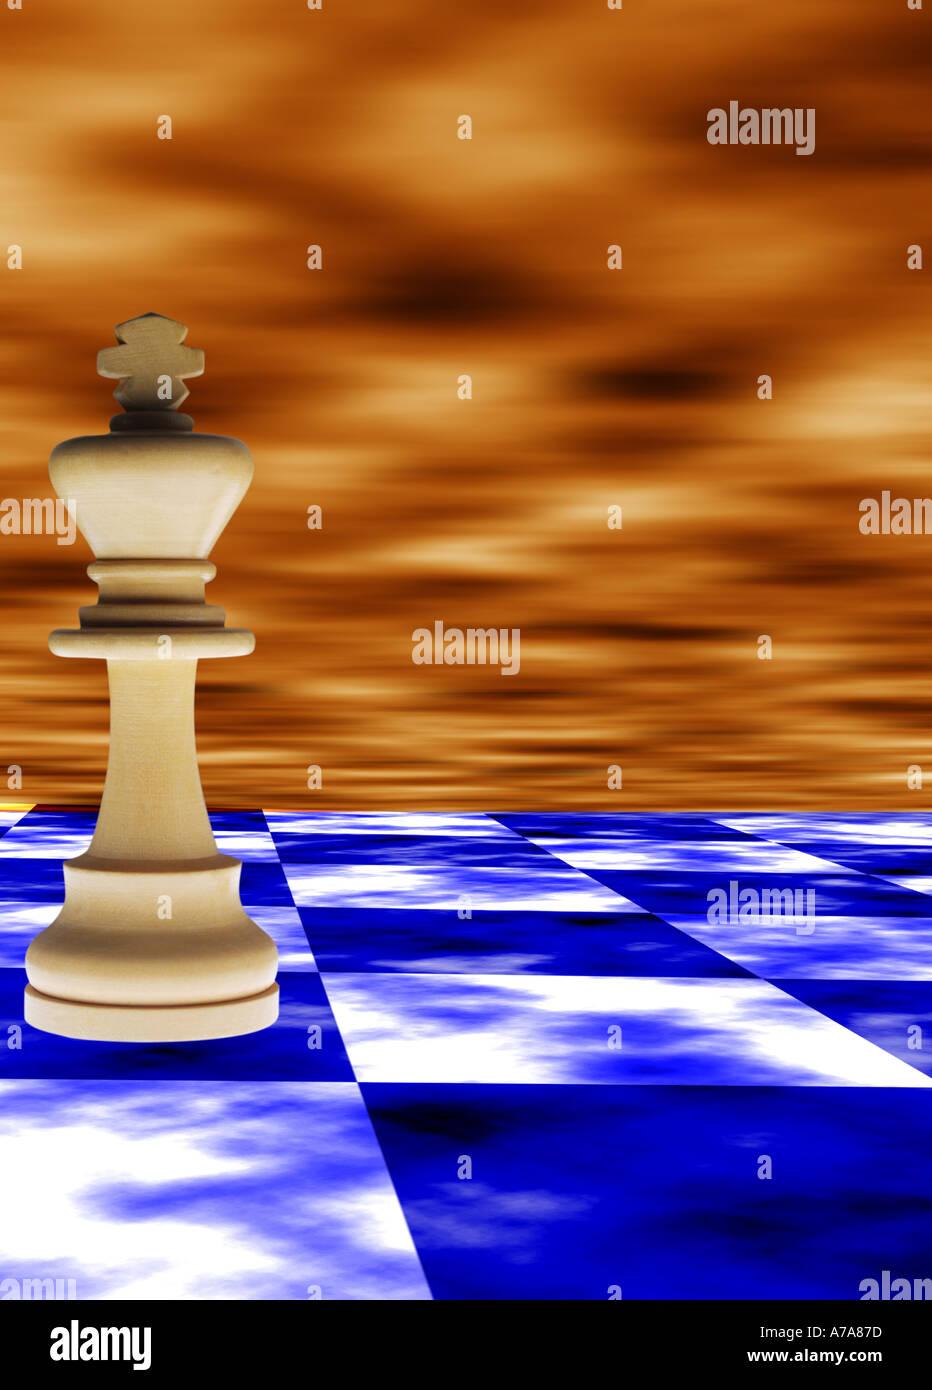 Juego de ajedrez concepto abstracto efectos especiales Imagen De Stock